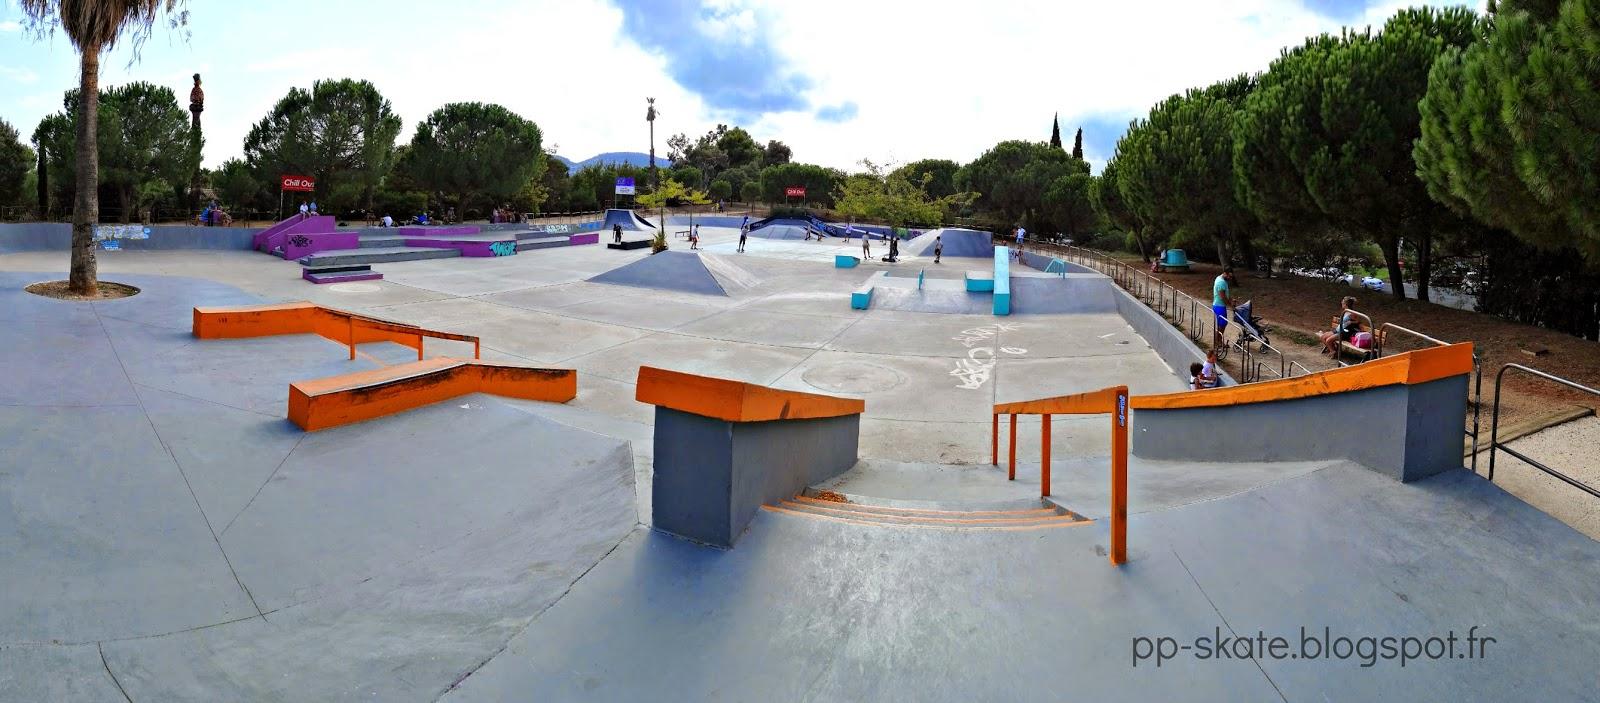 Skatepark Hyères